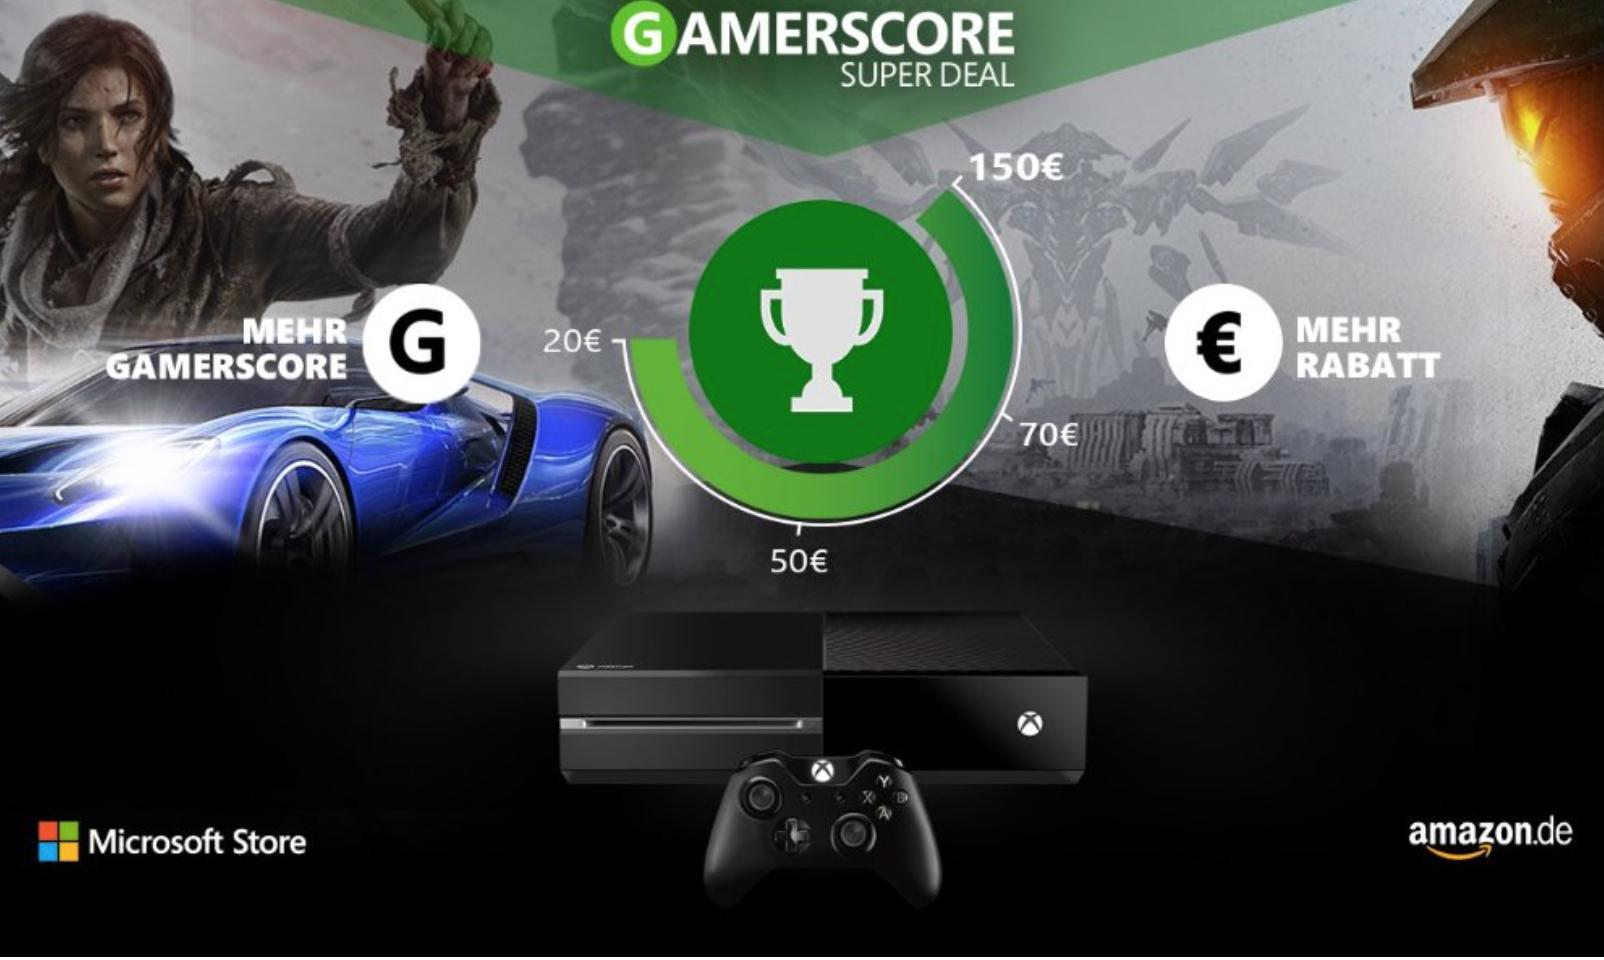 Beim Kauf einer Xbox One auf Amazon.de bis zu 150 Euro sparen (edit: nur für Deutsche XBOXLIVE-User)